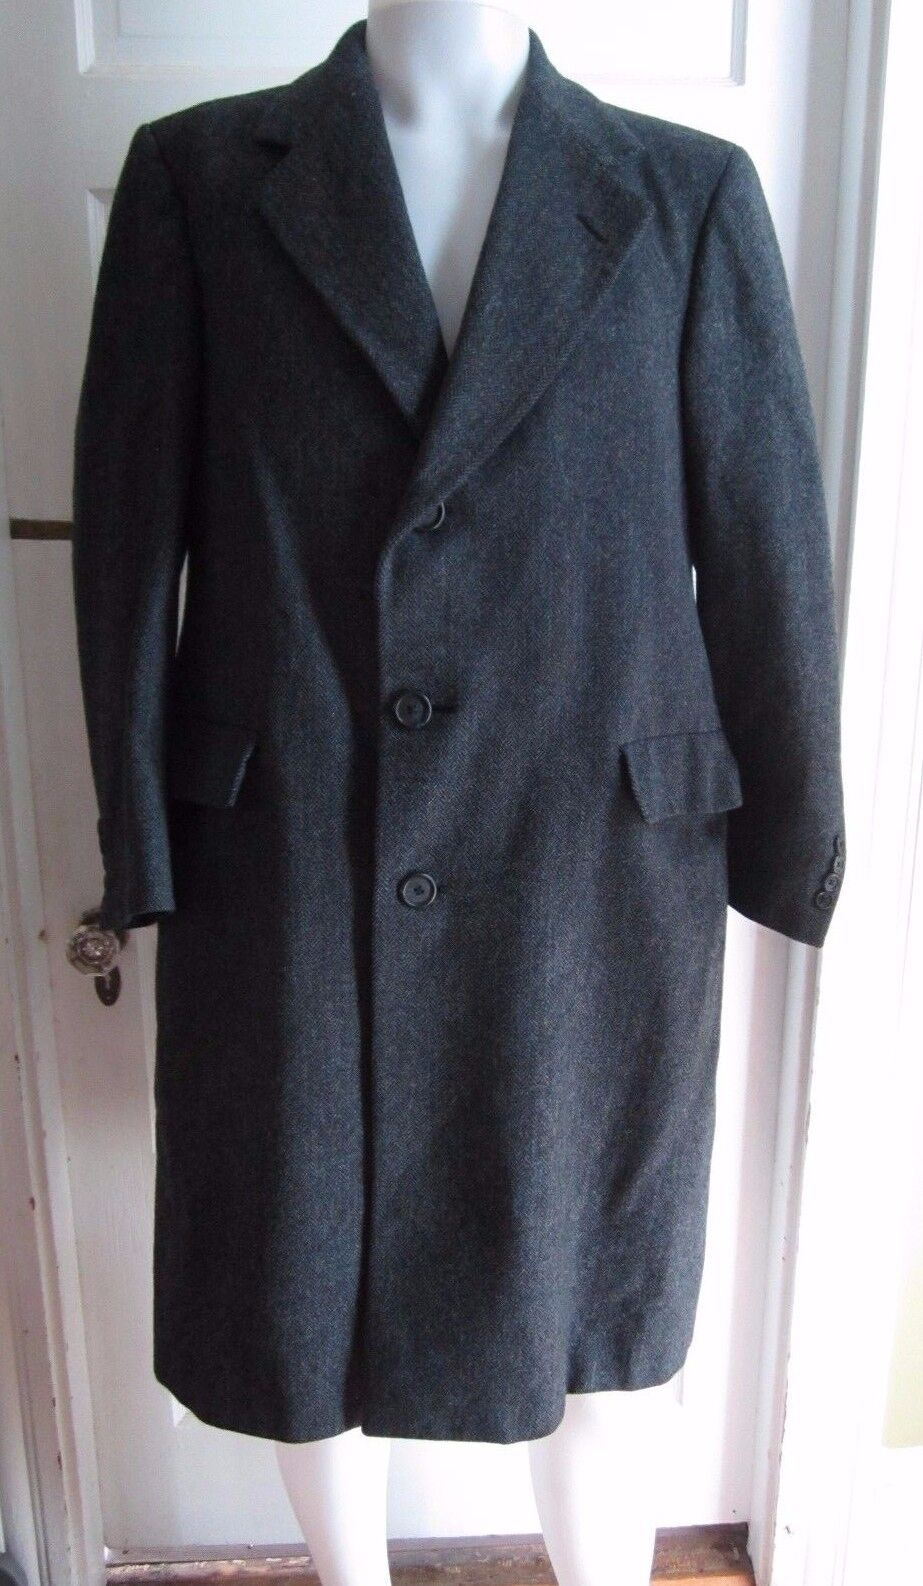 Vintage HART SCHAFFNER & MARX  Herren WOOL Herringbone Tweed Long Peacoat Coat S M